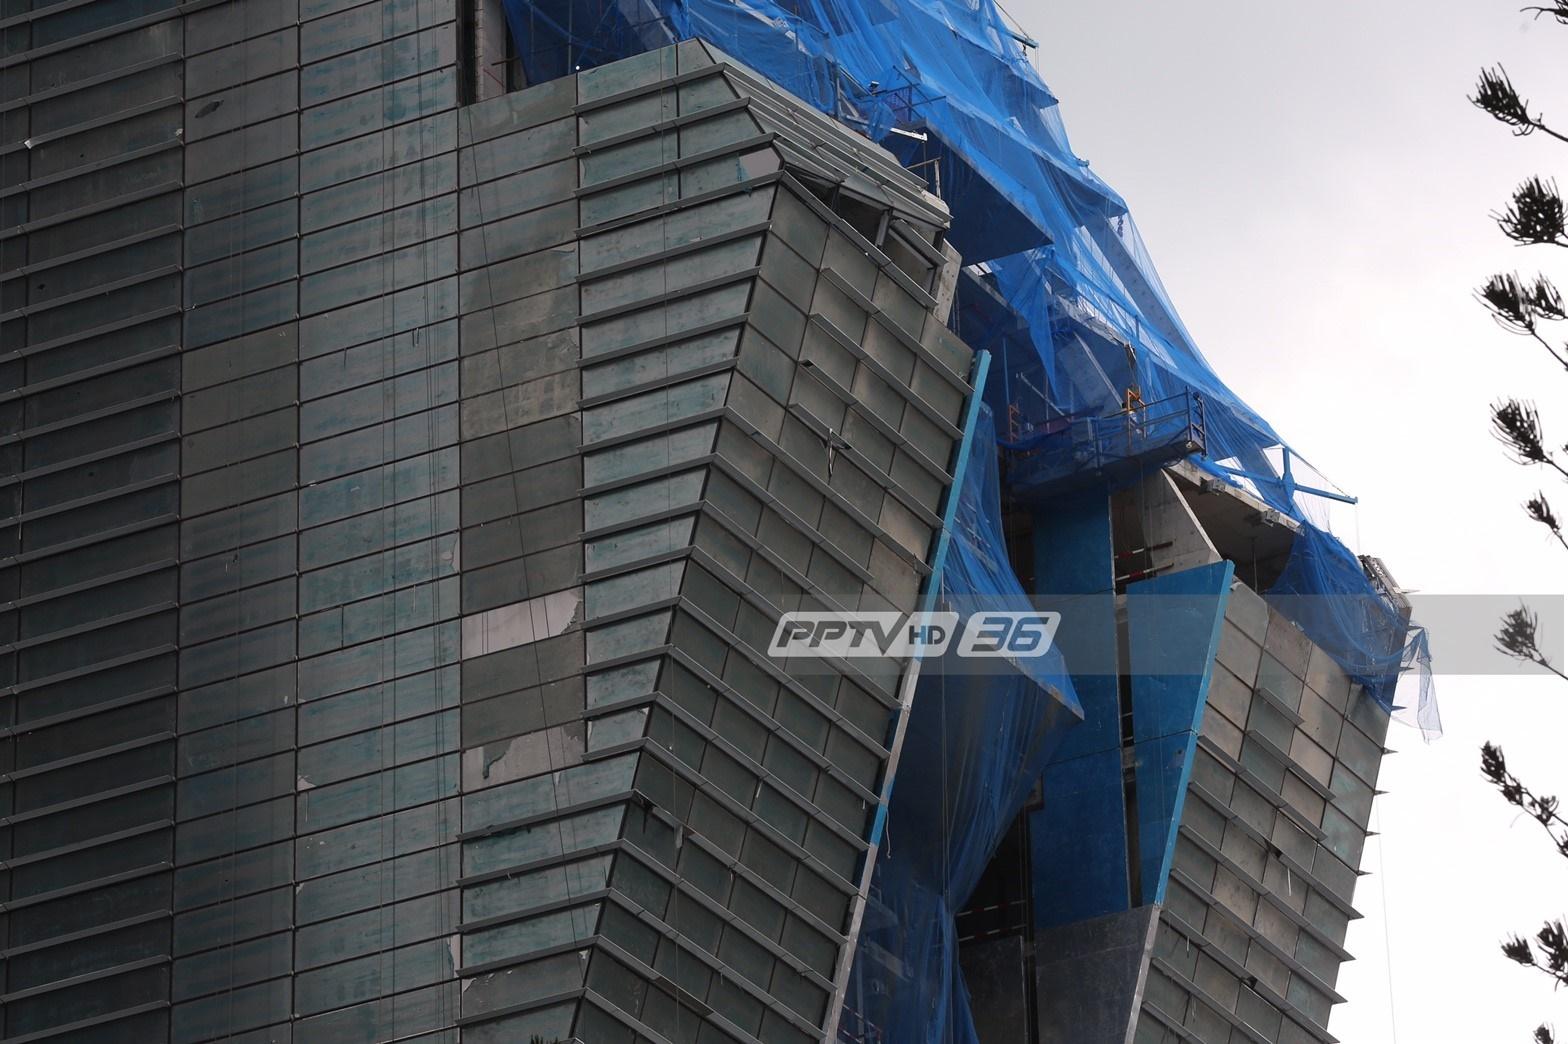 หวาดเสียว! อาคารสูงกำลังก่อสร้างดีไซน์เอียง